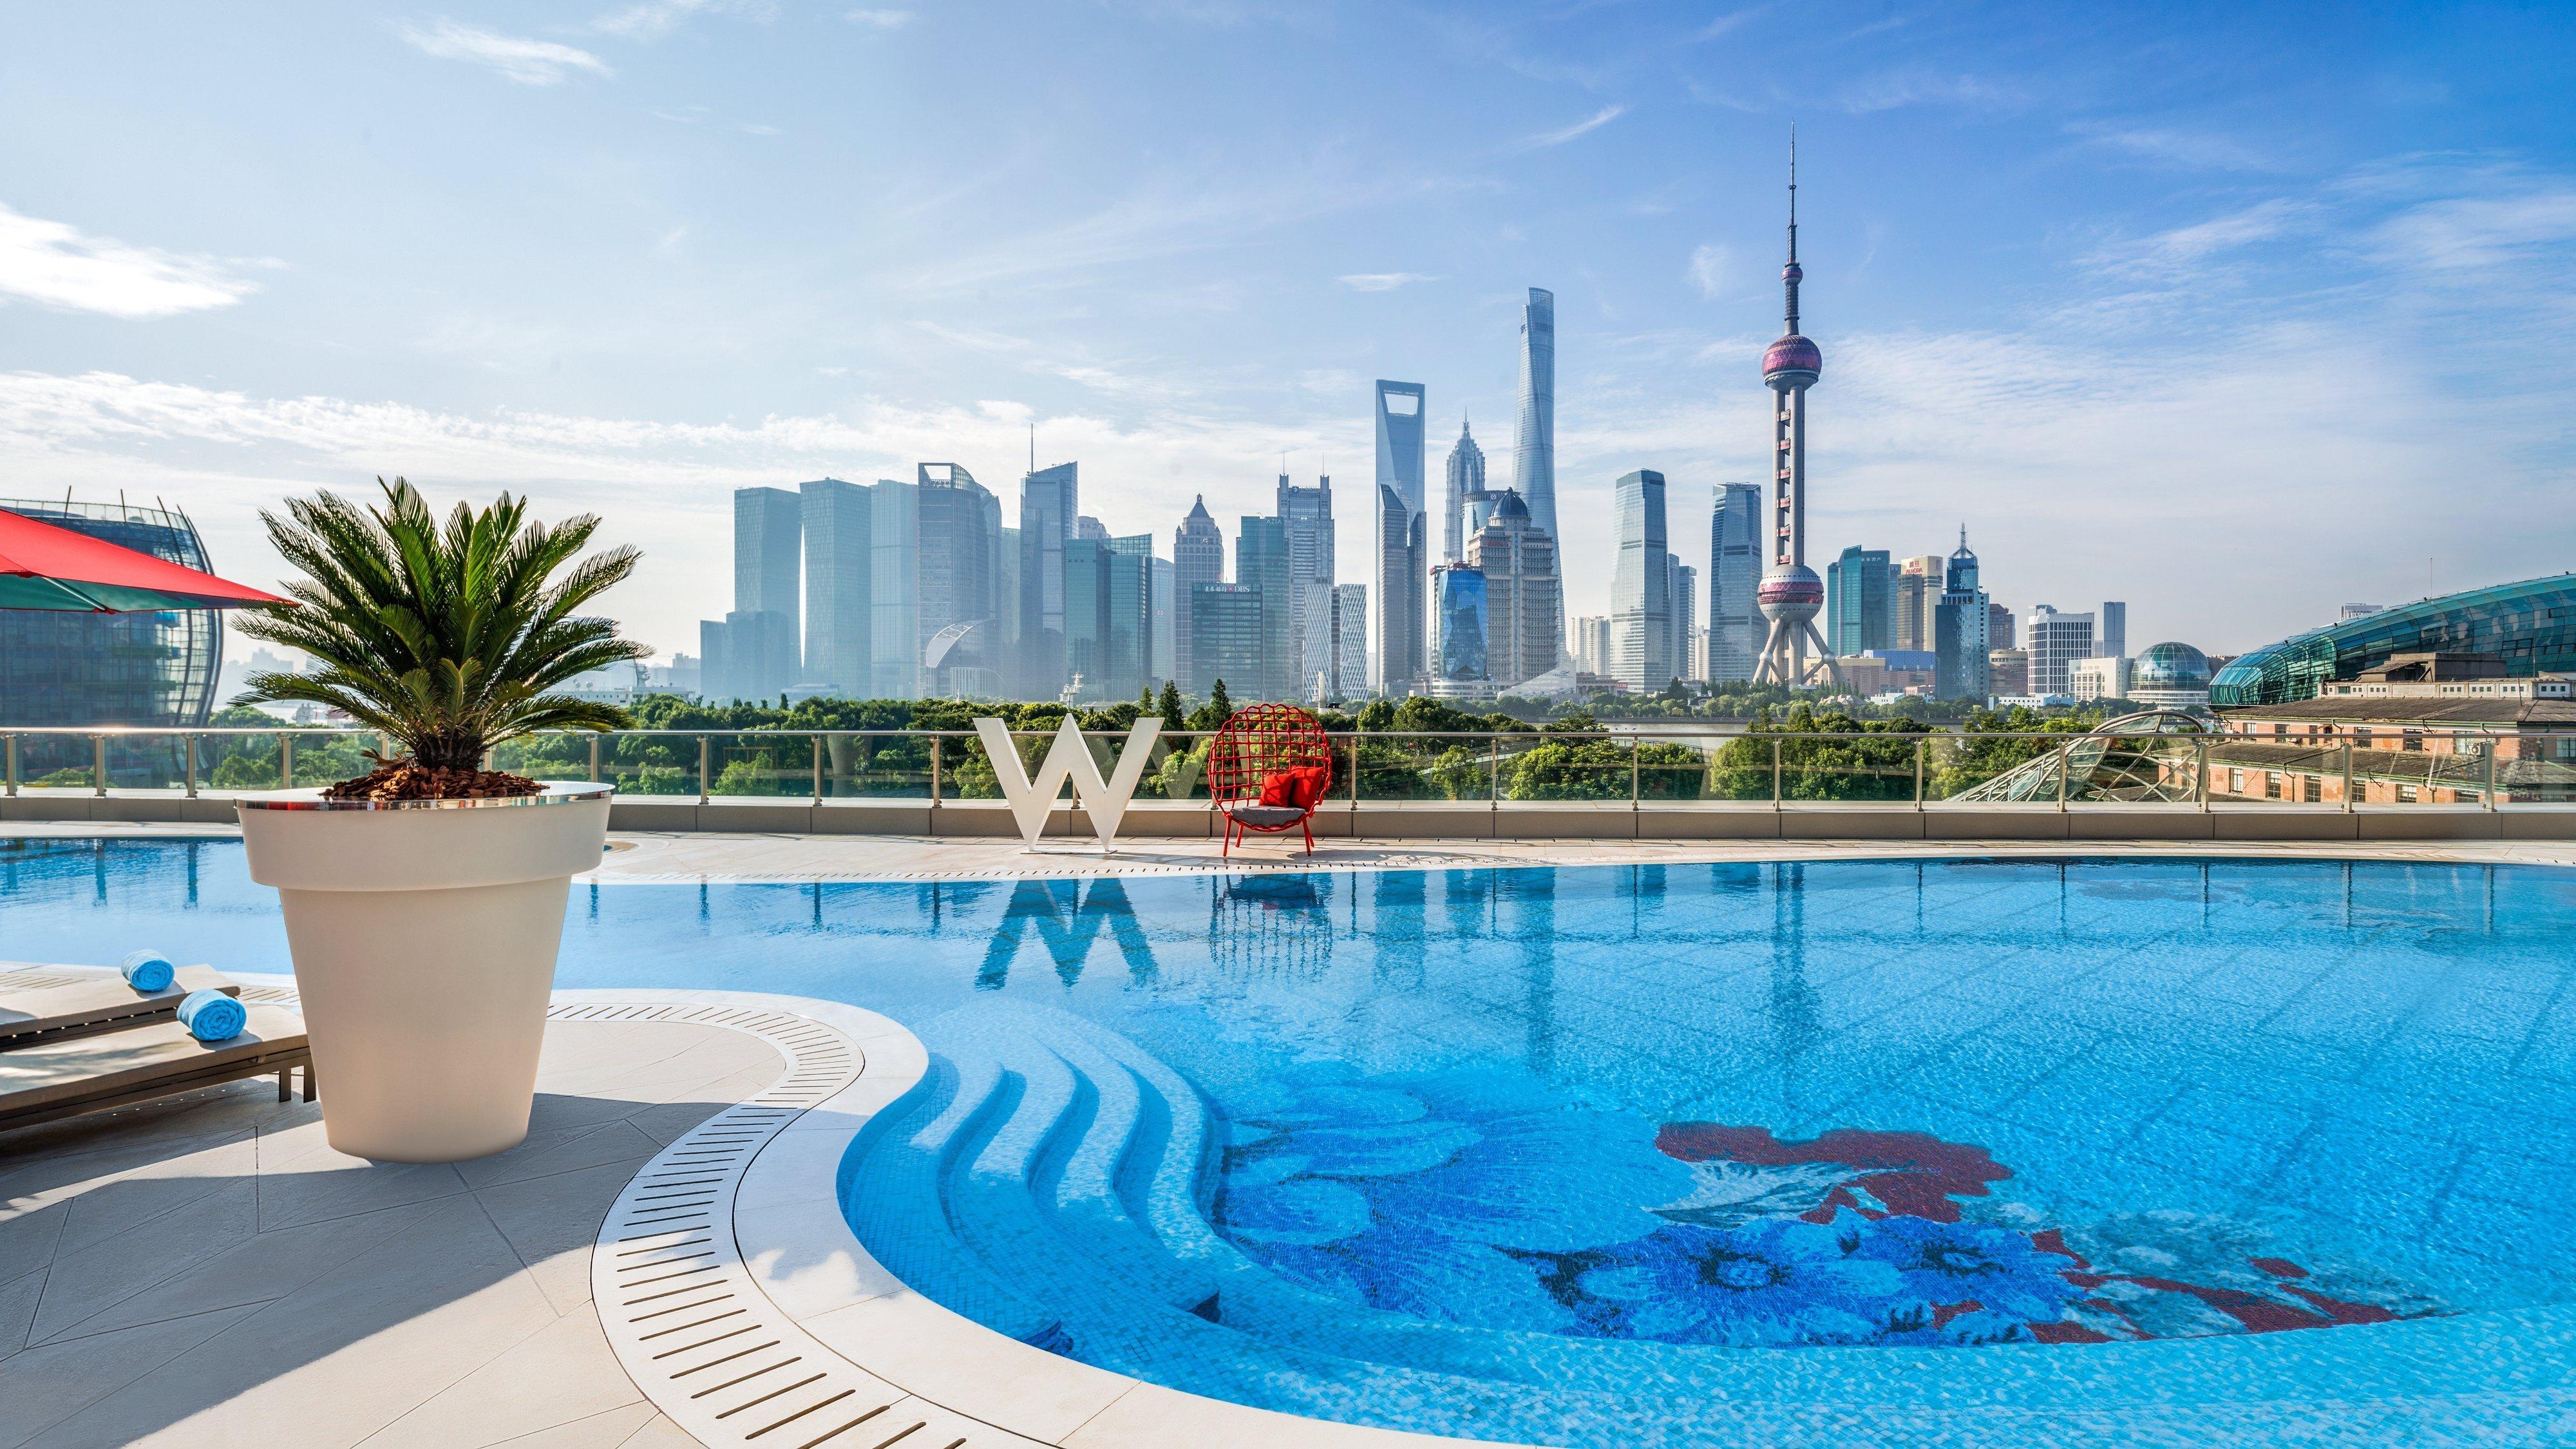 Shanghai - Bund Spg